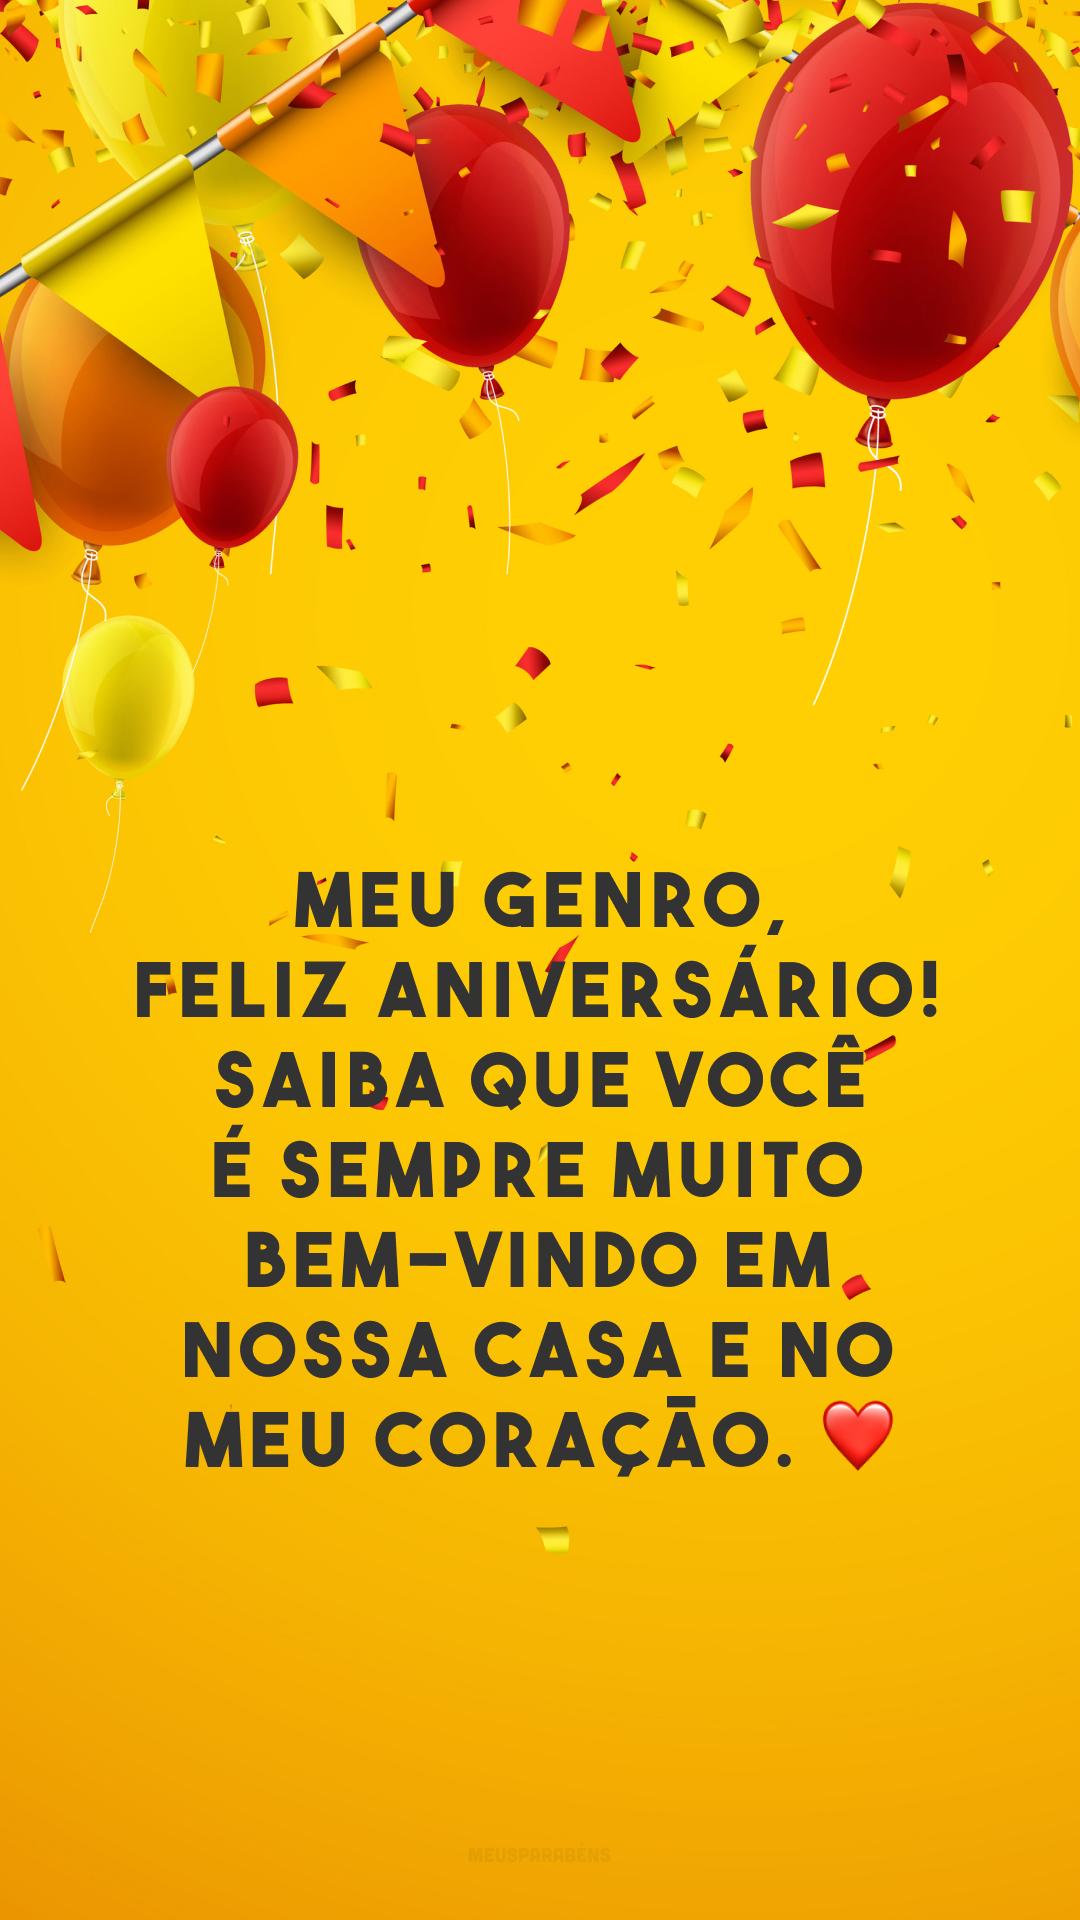 Meu genro, feliz aniversário! Saiba que você é sempre muito bem-vindo em nossa casa e no meu coração. ❤